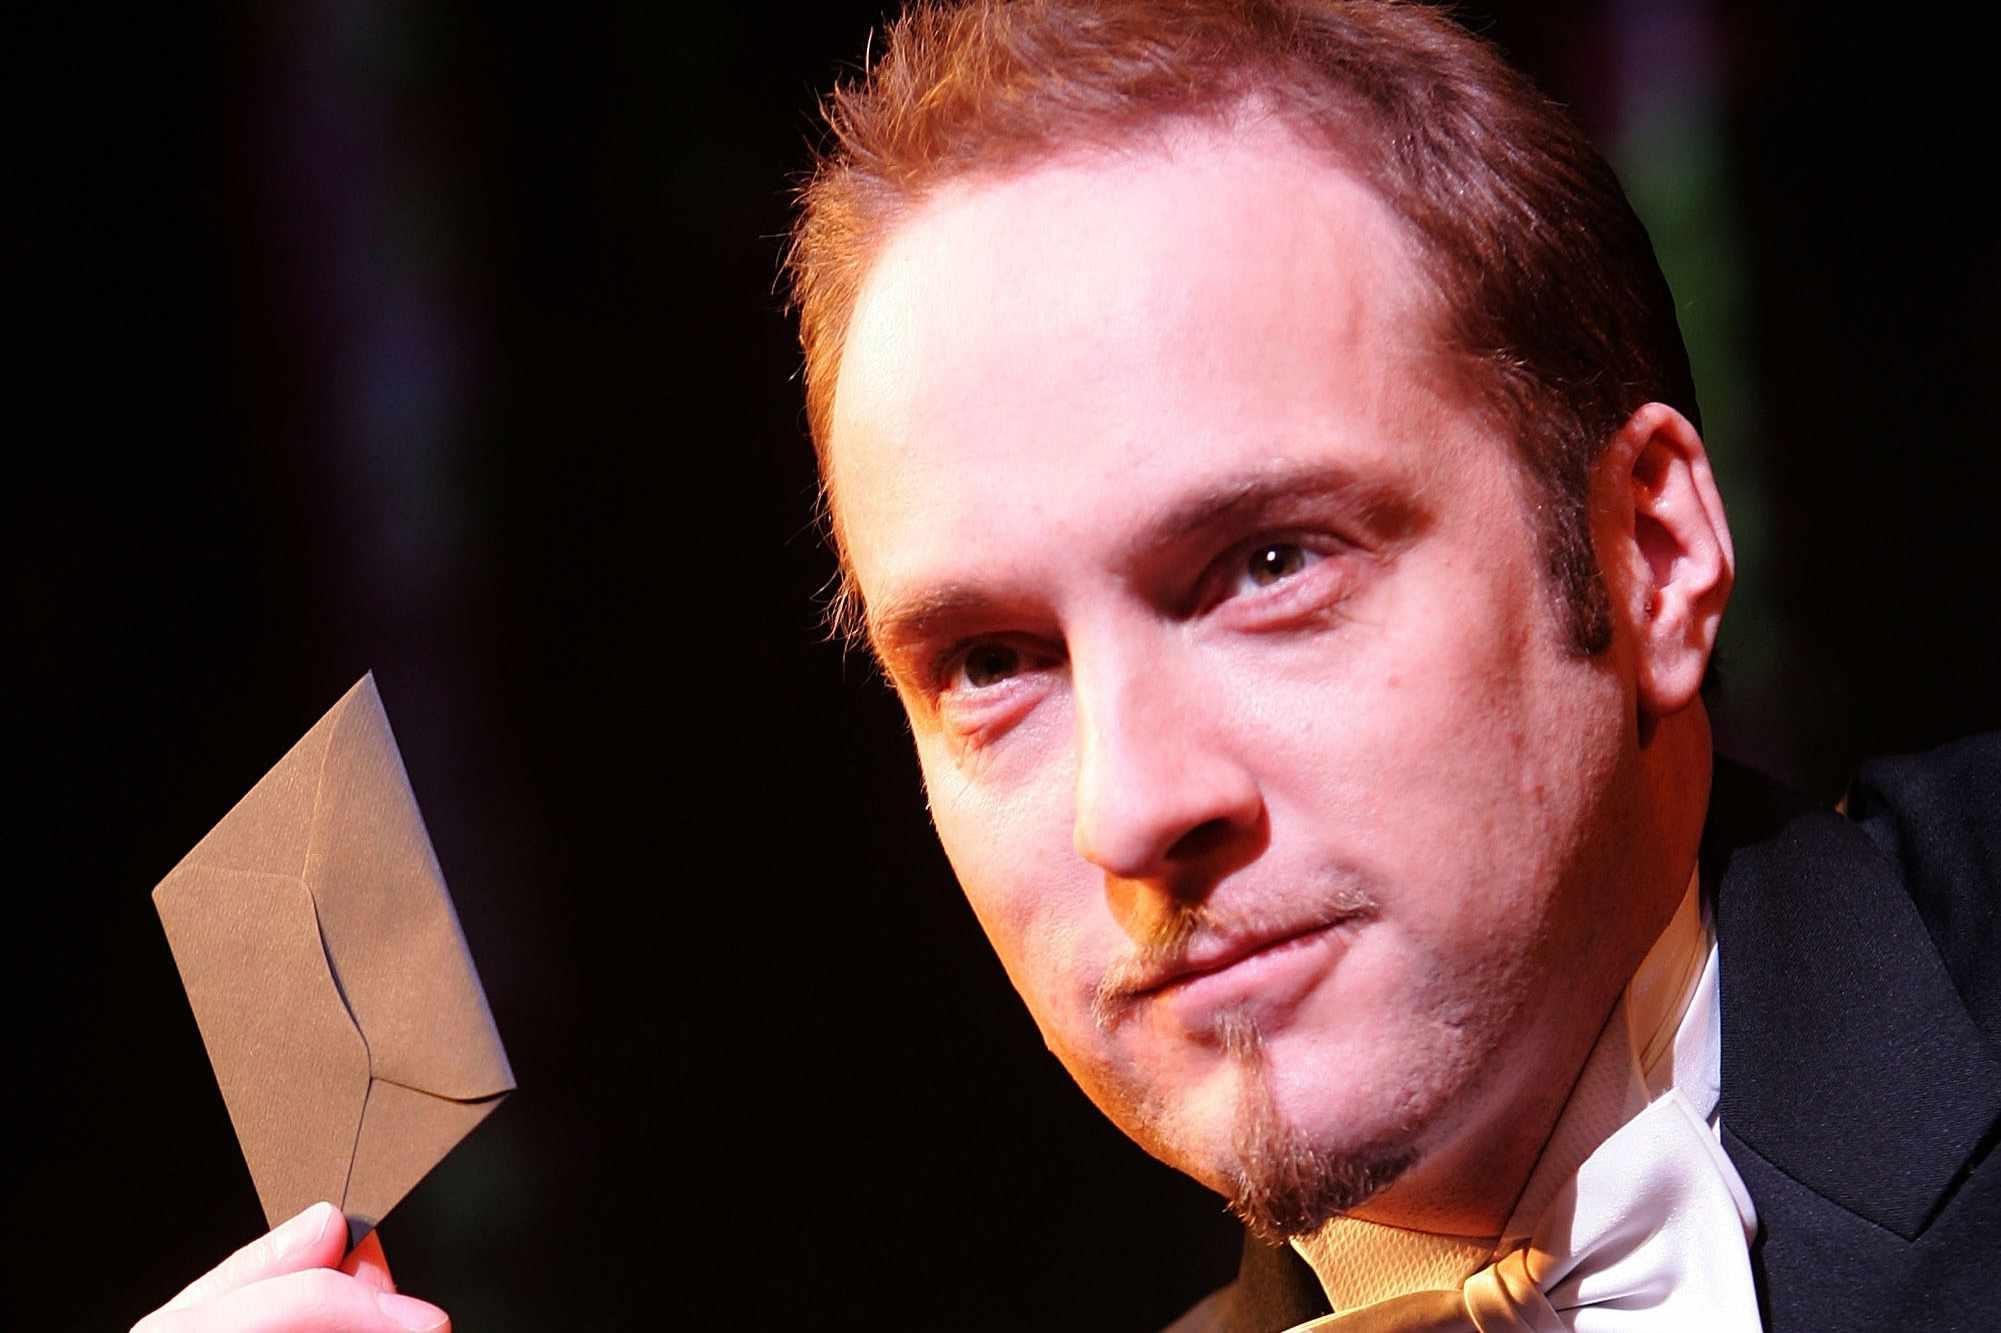 Derren Brown holding a letter